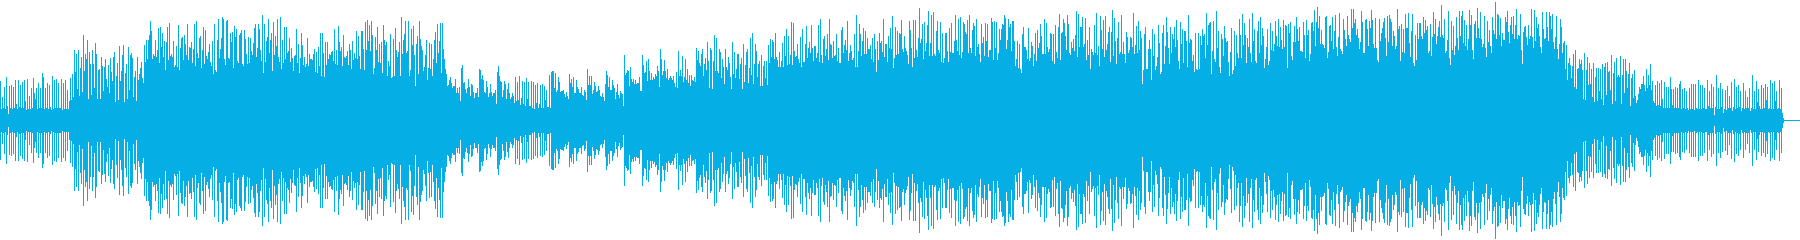 Splashの再生済みの波形